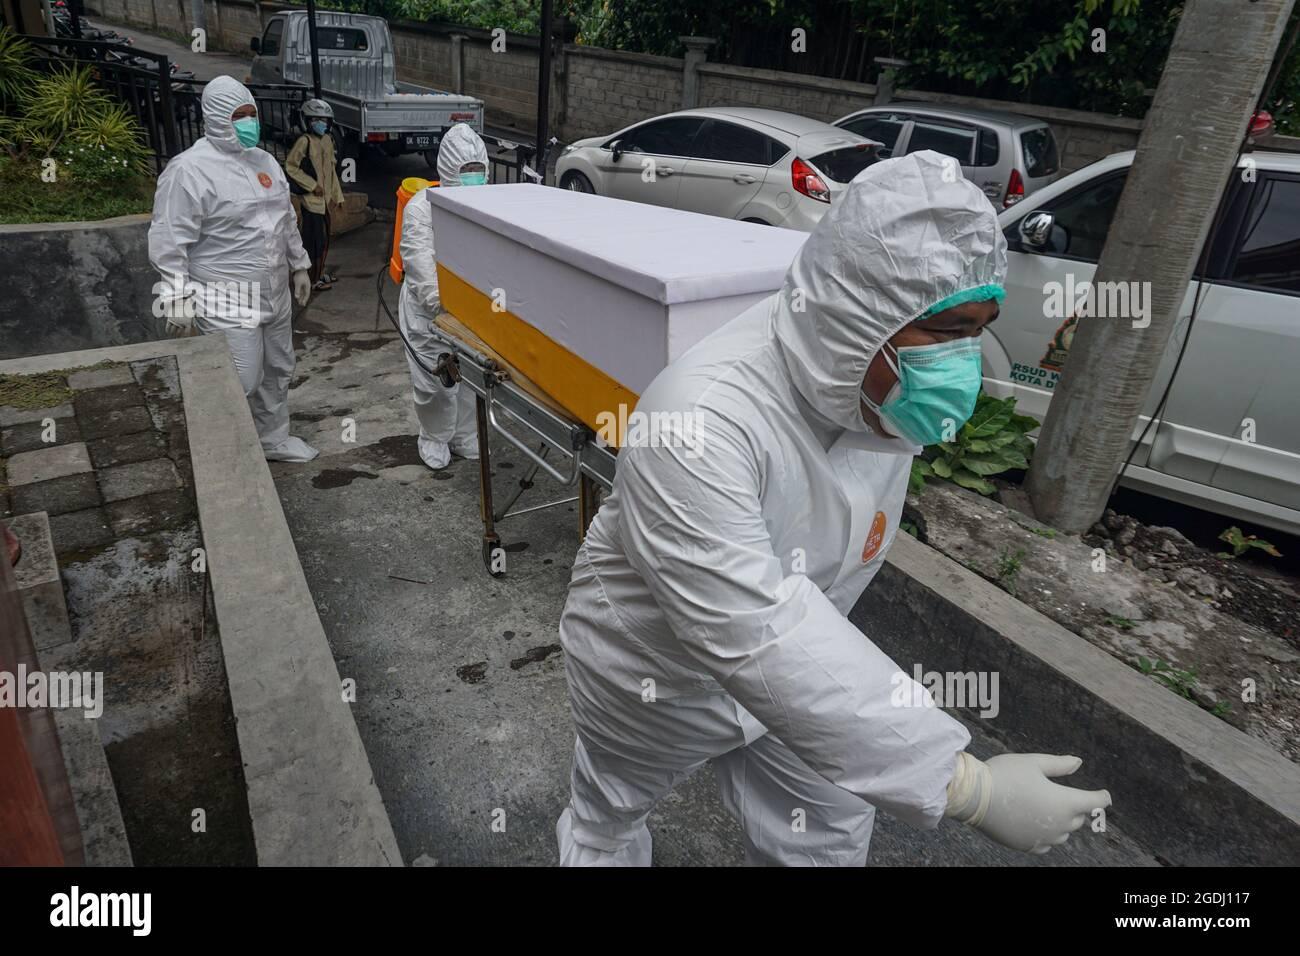 """Denpasar, Bali, Indonesien. August 2021. Arbeiter werden das tote Opfer aus dem Isolationsraum holen. Die Leichenhalle des Wgaya Krankenhauses ist überlastet, da die Zahl der Toten von Covid-19 deutlich zunimmt. Die balinesische Hindu-Tradition wartet darauf, dass der ausgewählte """"gute Tag"""" für die toten Opfer eingeäschert wird. Wie am Donnerstag, dem 12. August, hat die Provinz Bali in 24 Stunden 1.353 neue Fälle und 35 Tote zu vermehren. (Bild: © Dicky BisinglasiZUMA Press Wire) Stockfoto"""